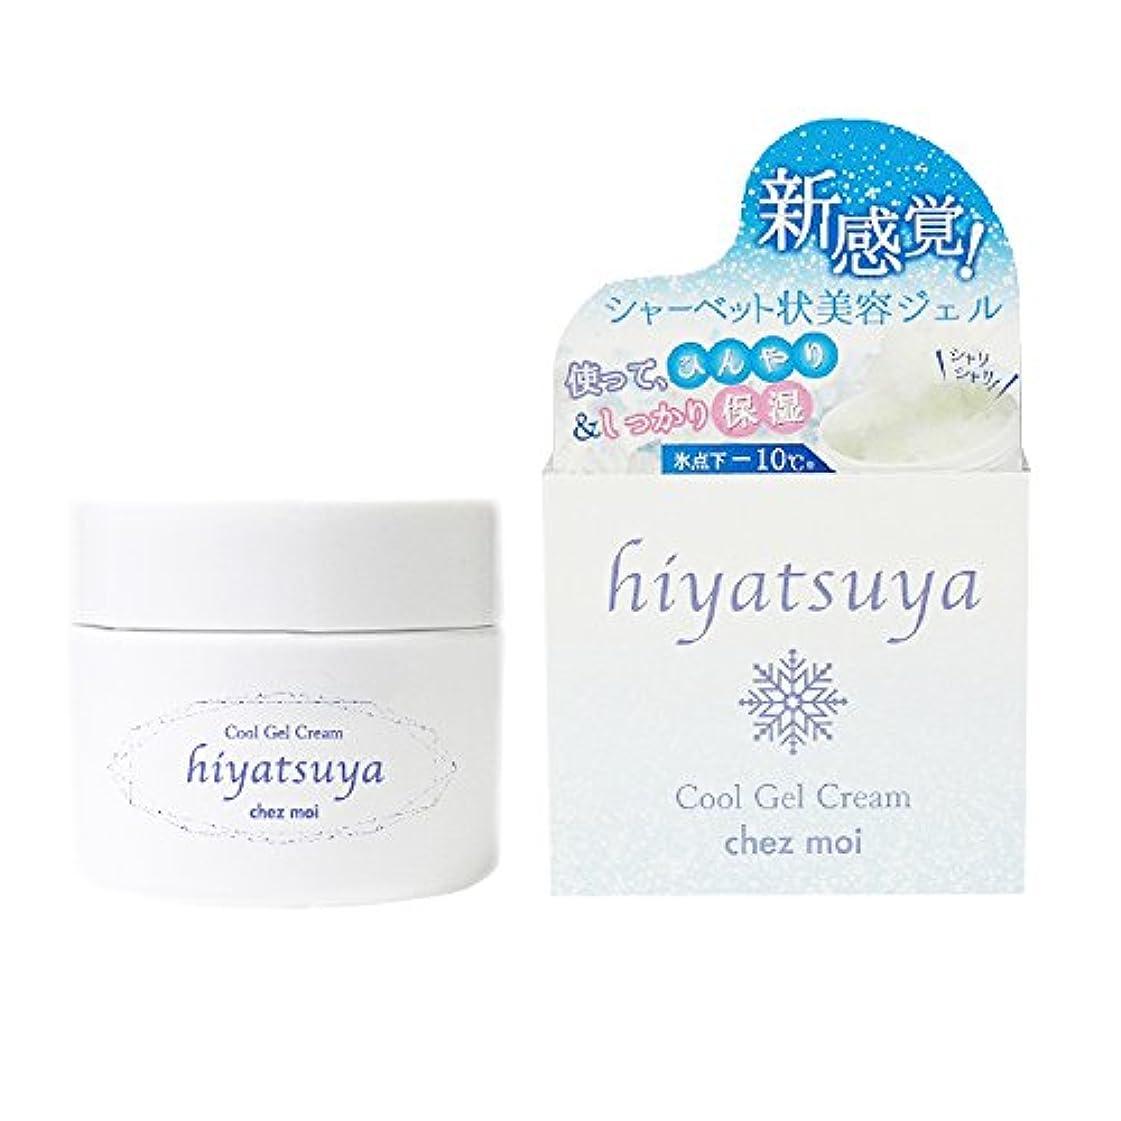 天皇番号アラブサラボシェモア hiyatsuya(ヒヤツヤ) cool gel cream 70g